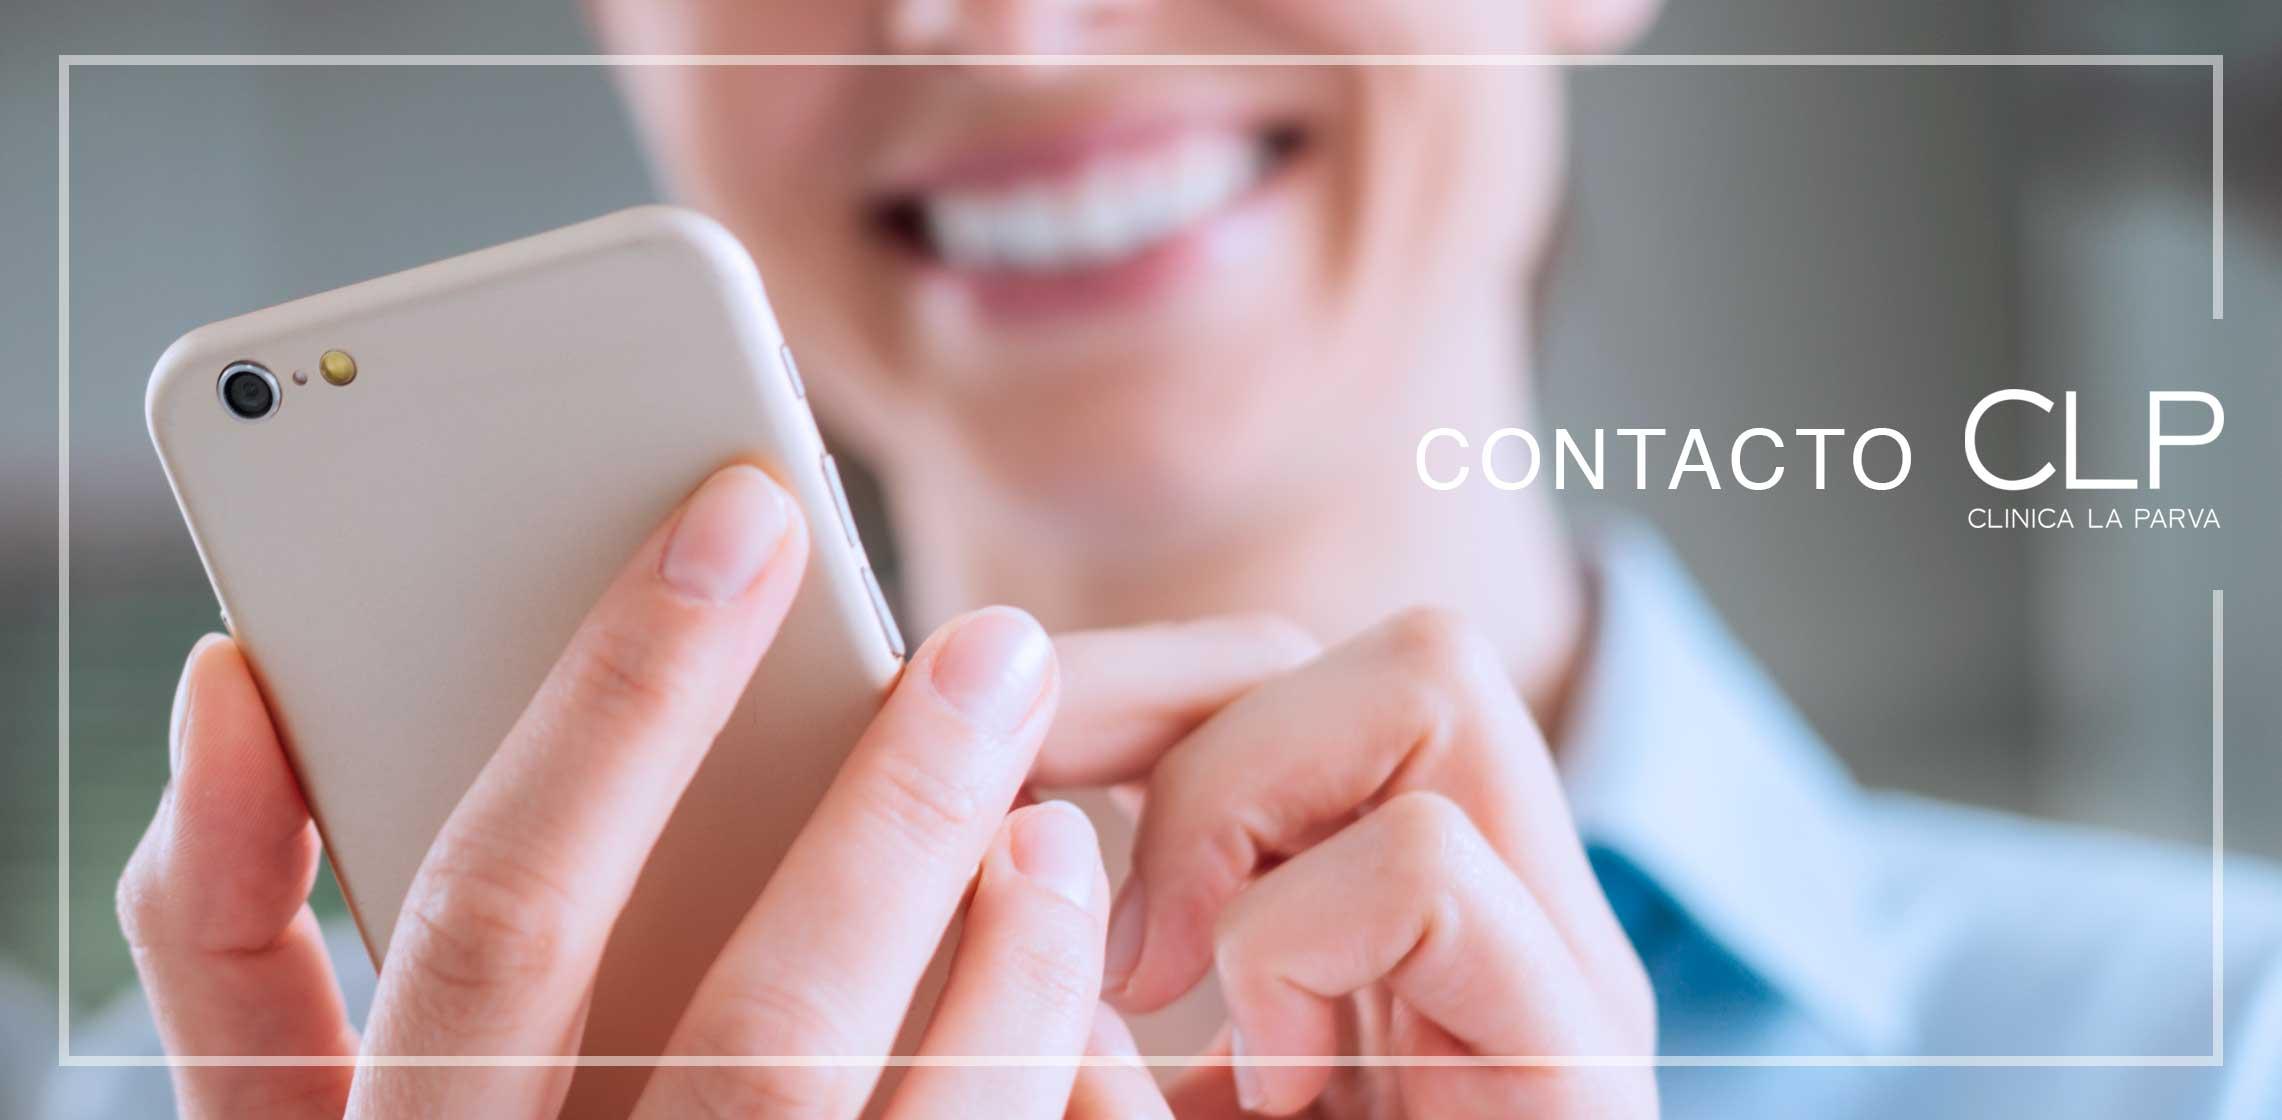 Contacto clínica La Parva Cirugía plástica, reconstructiva y antiaging